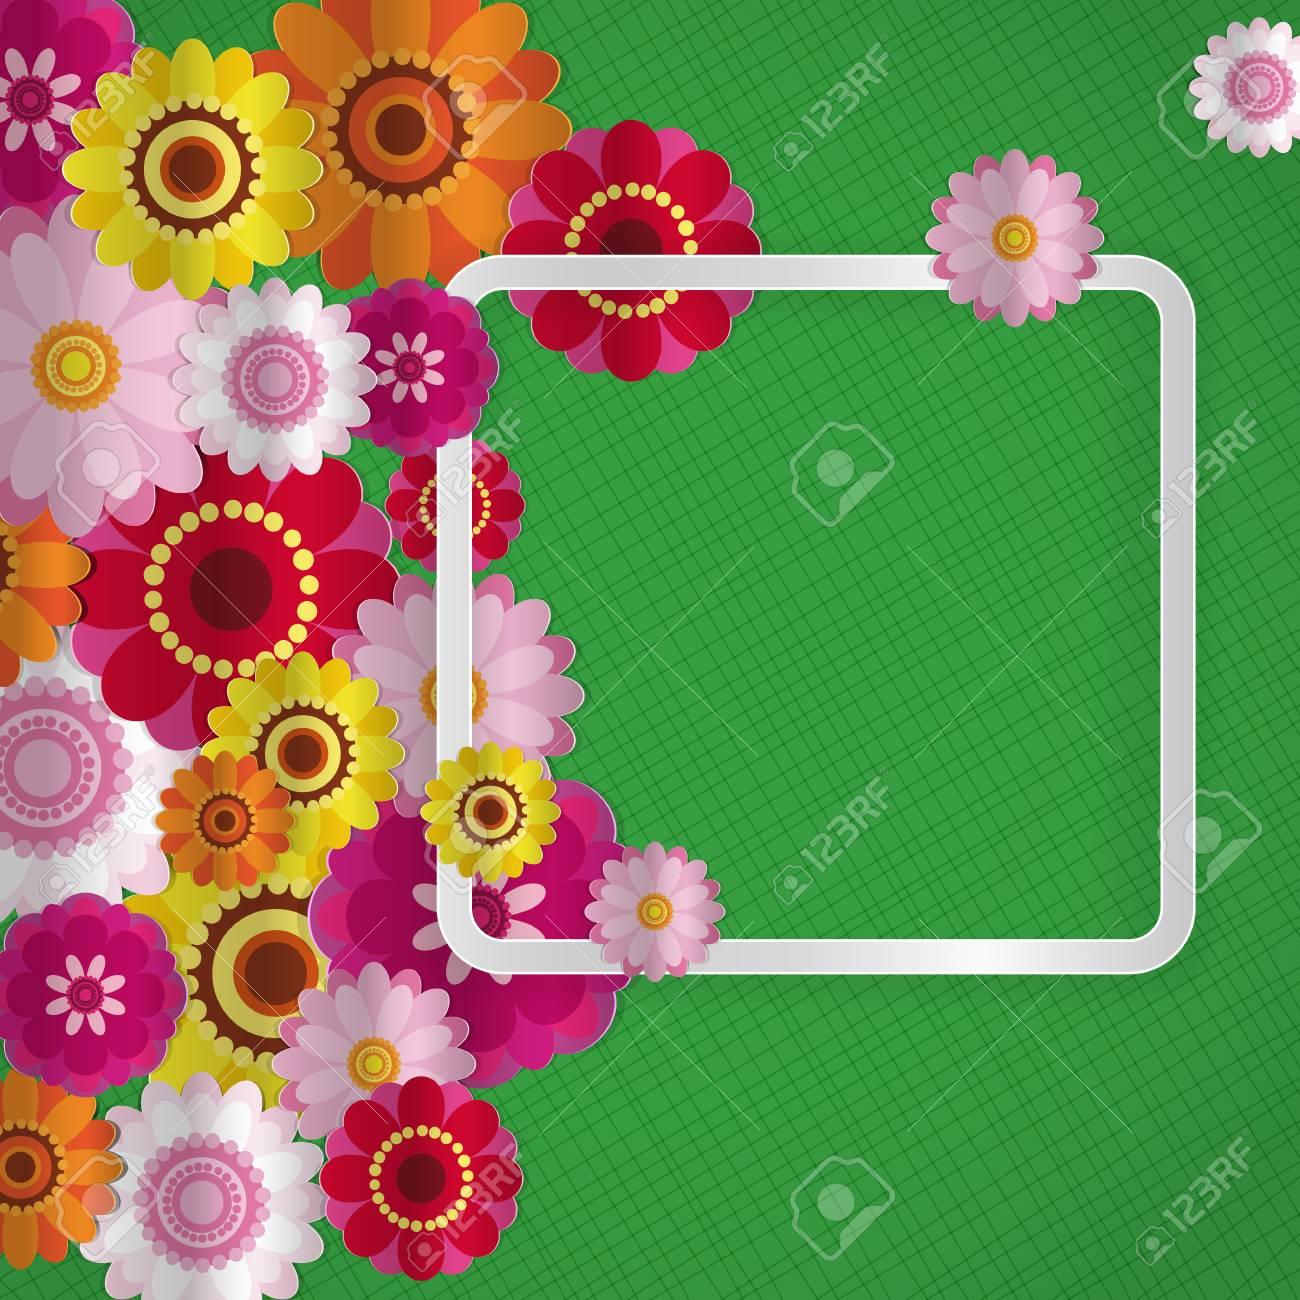 Frühlingsglückwunschblumenhintergrund. Festliche Papierblumen Auf ...